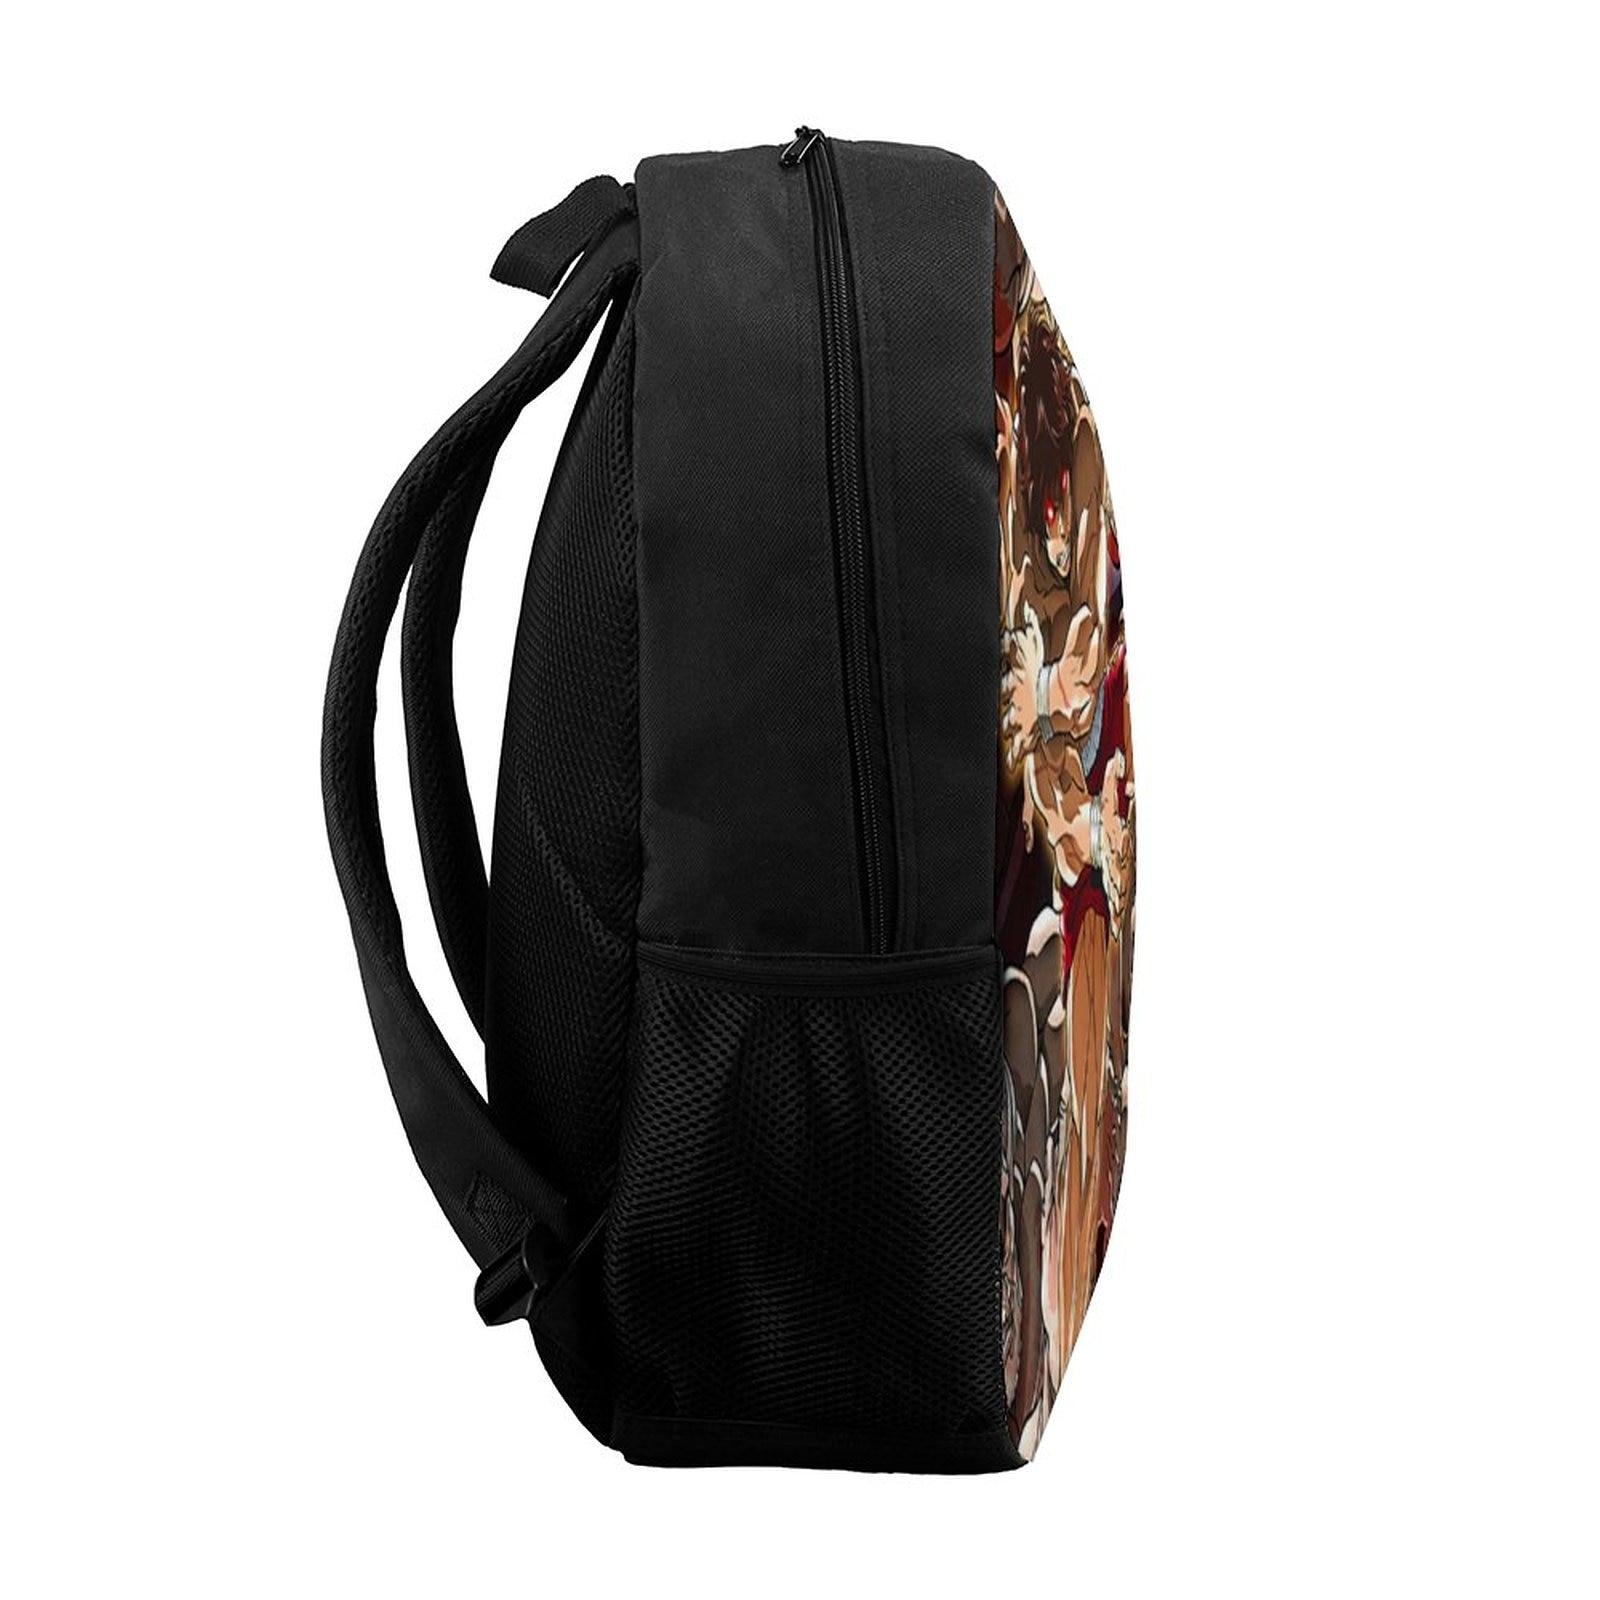 H9197505f5c0a4b00bc5188b467b95d3bq - Anime Backpacks